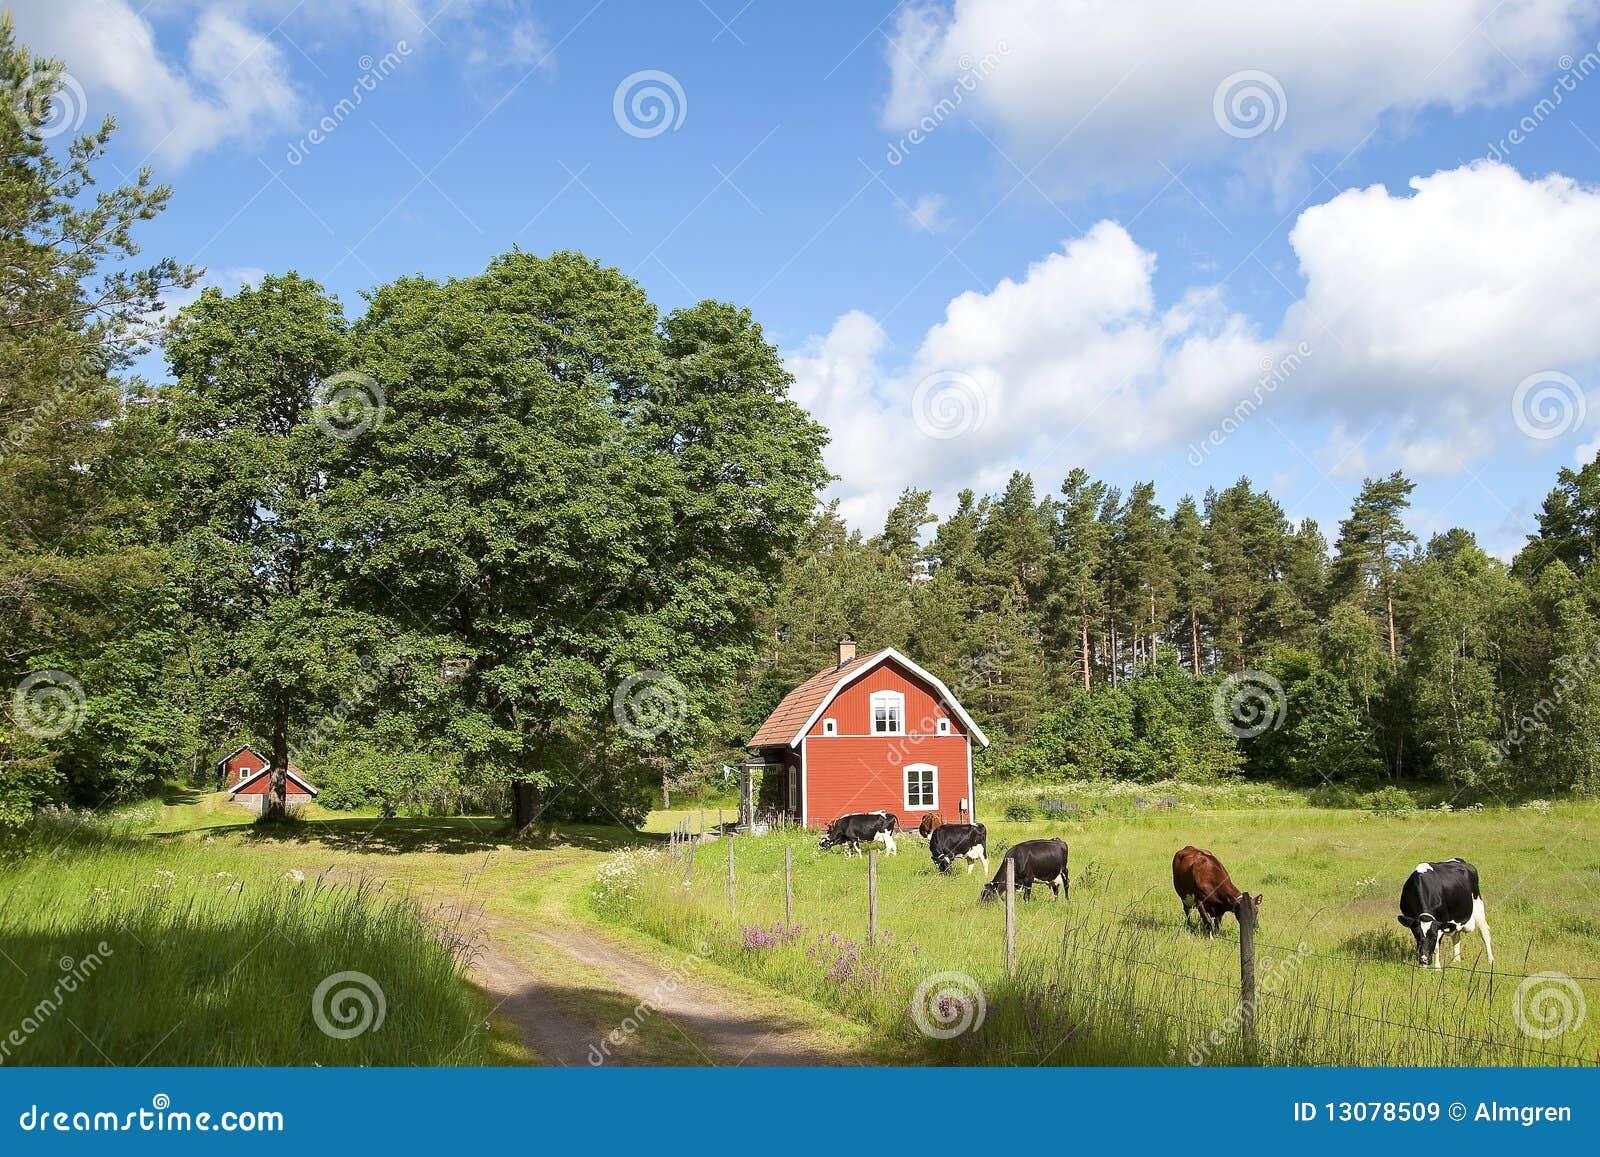 Domowej idylli czerwony szwedzki drewniany